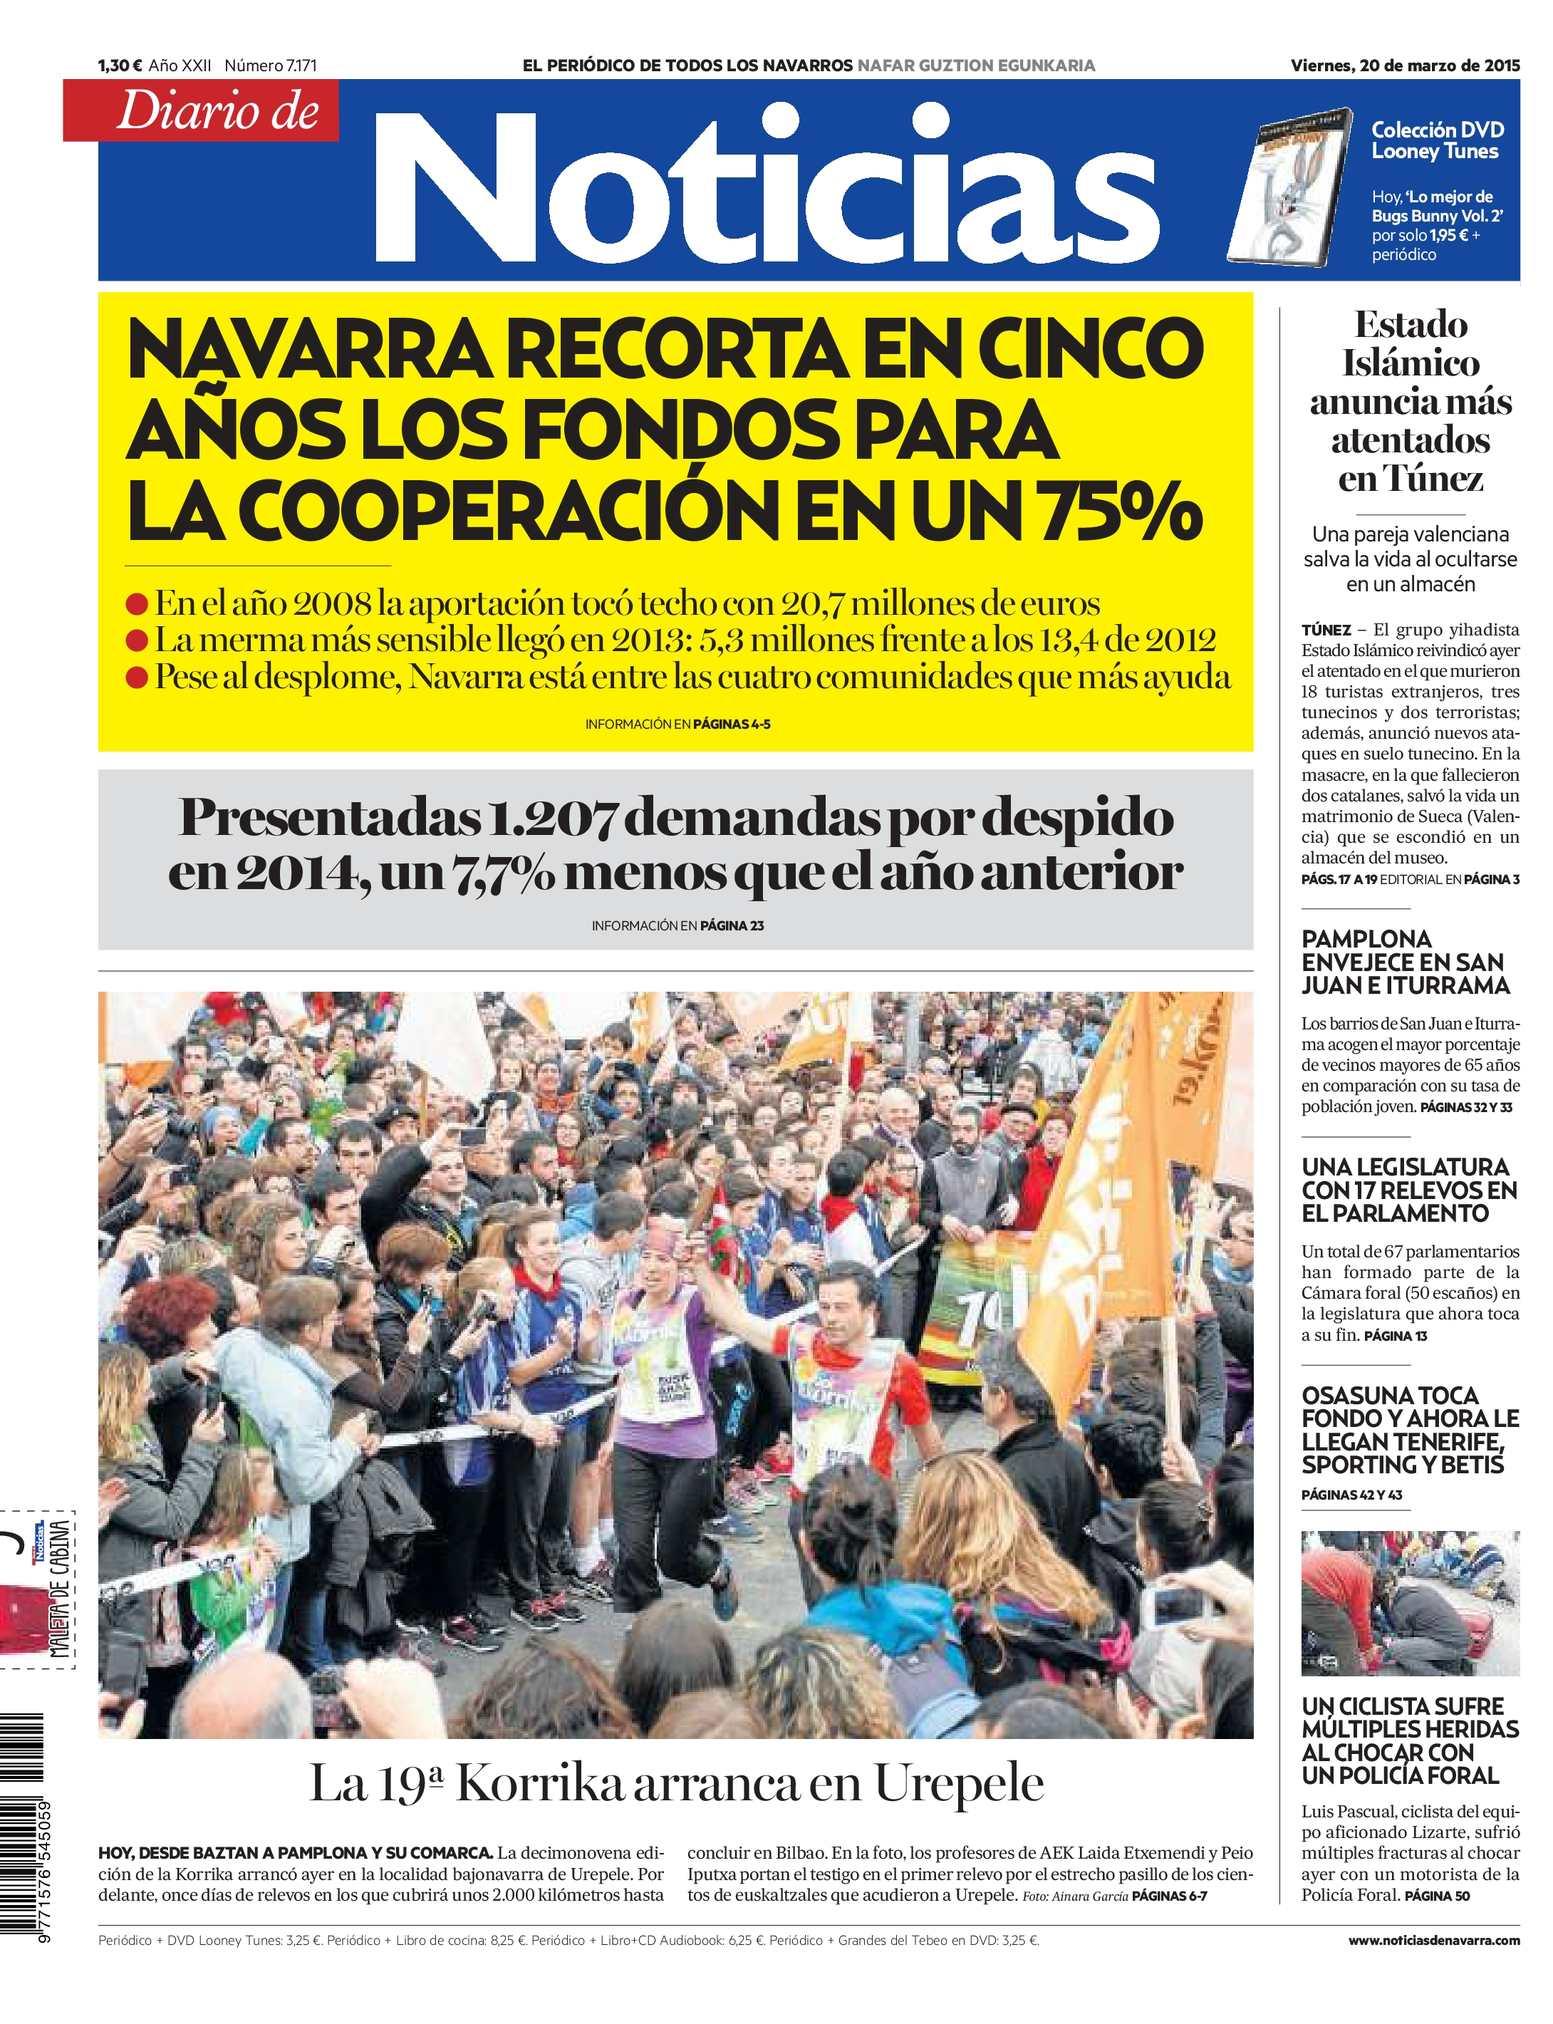 Calaméo - Diario de Noticias 20150320